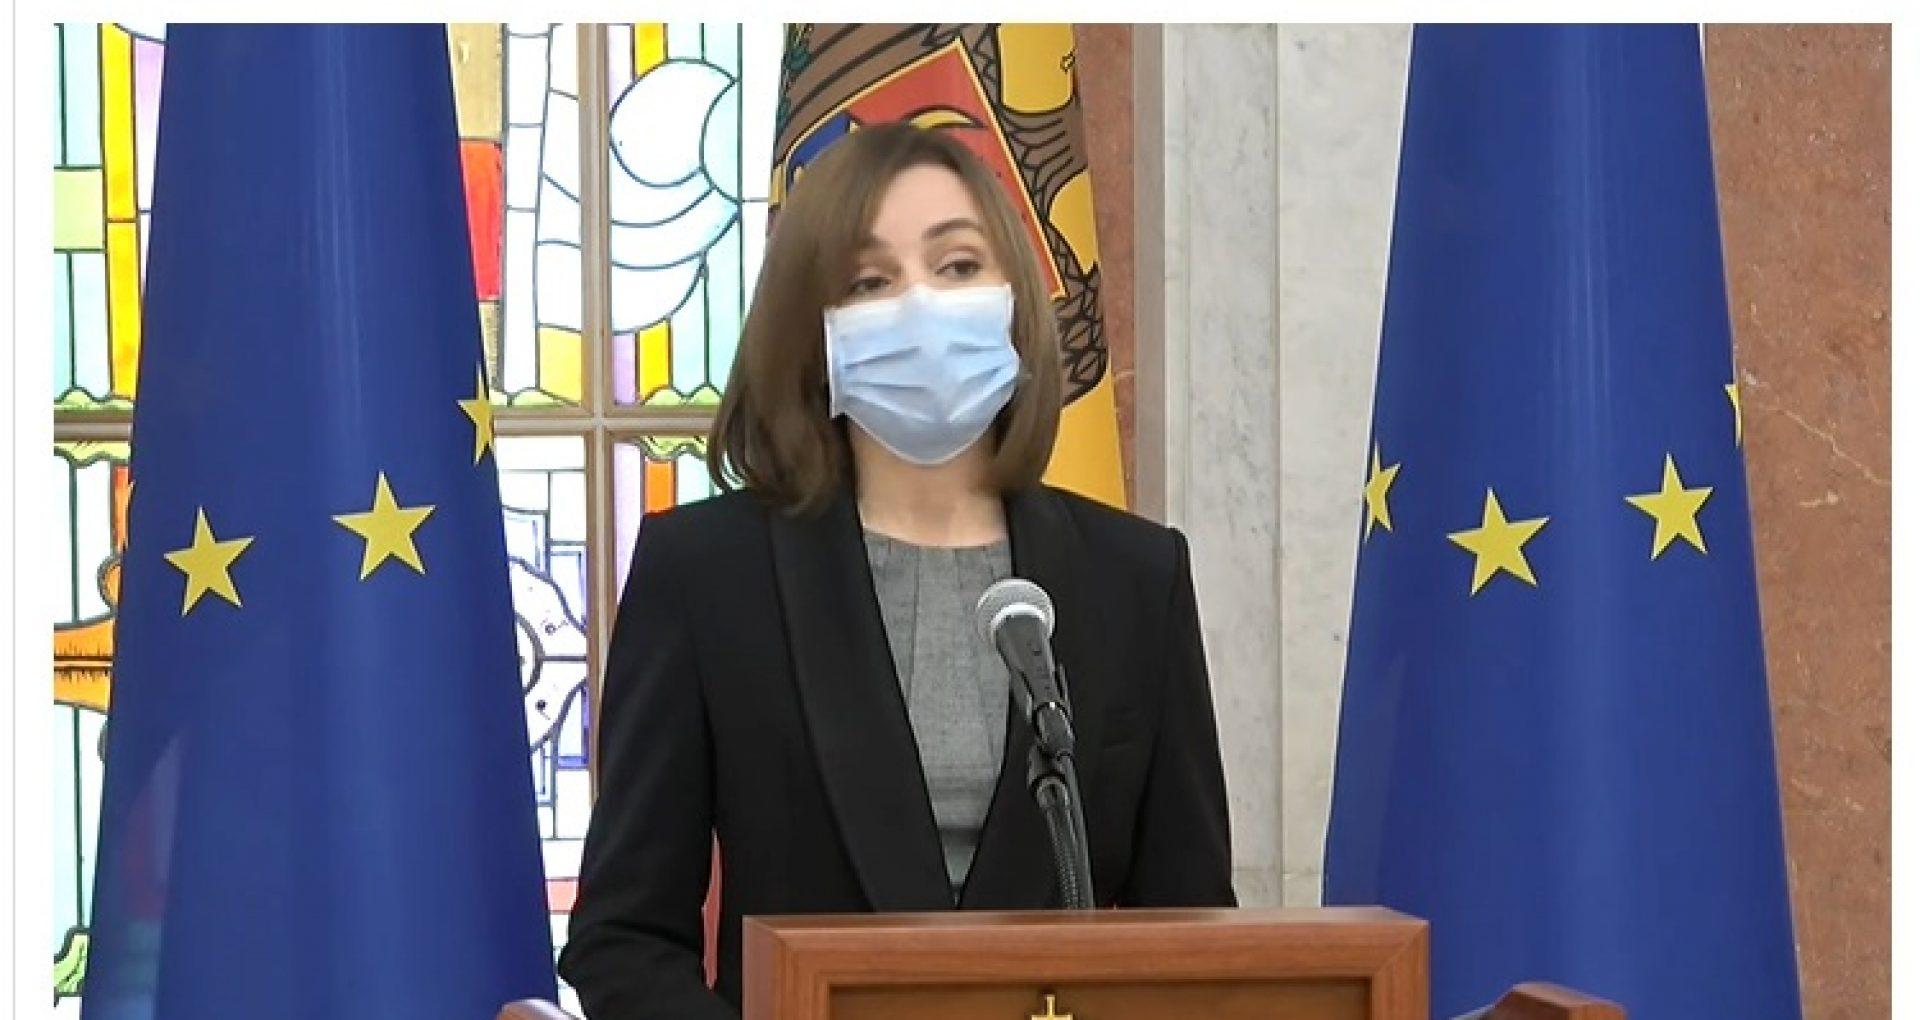 """VIDEO/ Președinta Sandu, după vizita de la Bruxelles: """"UE vrea să vadă progrese reale și nu doar justificări patetice din partea PG și a altor instituții"""""""